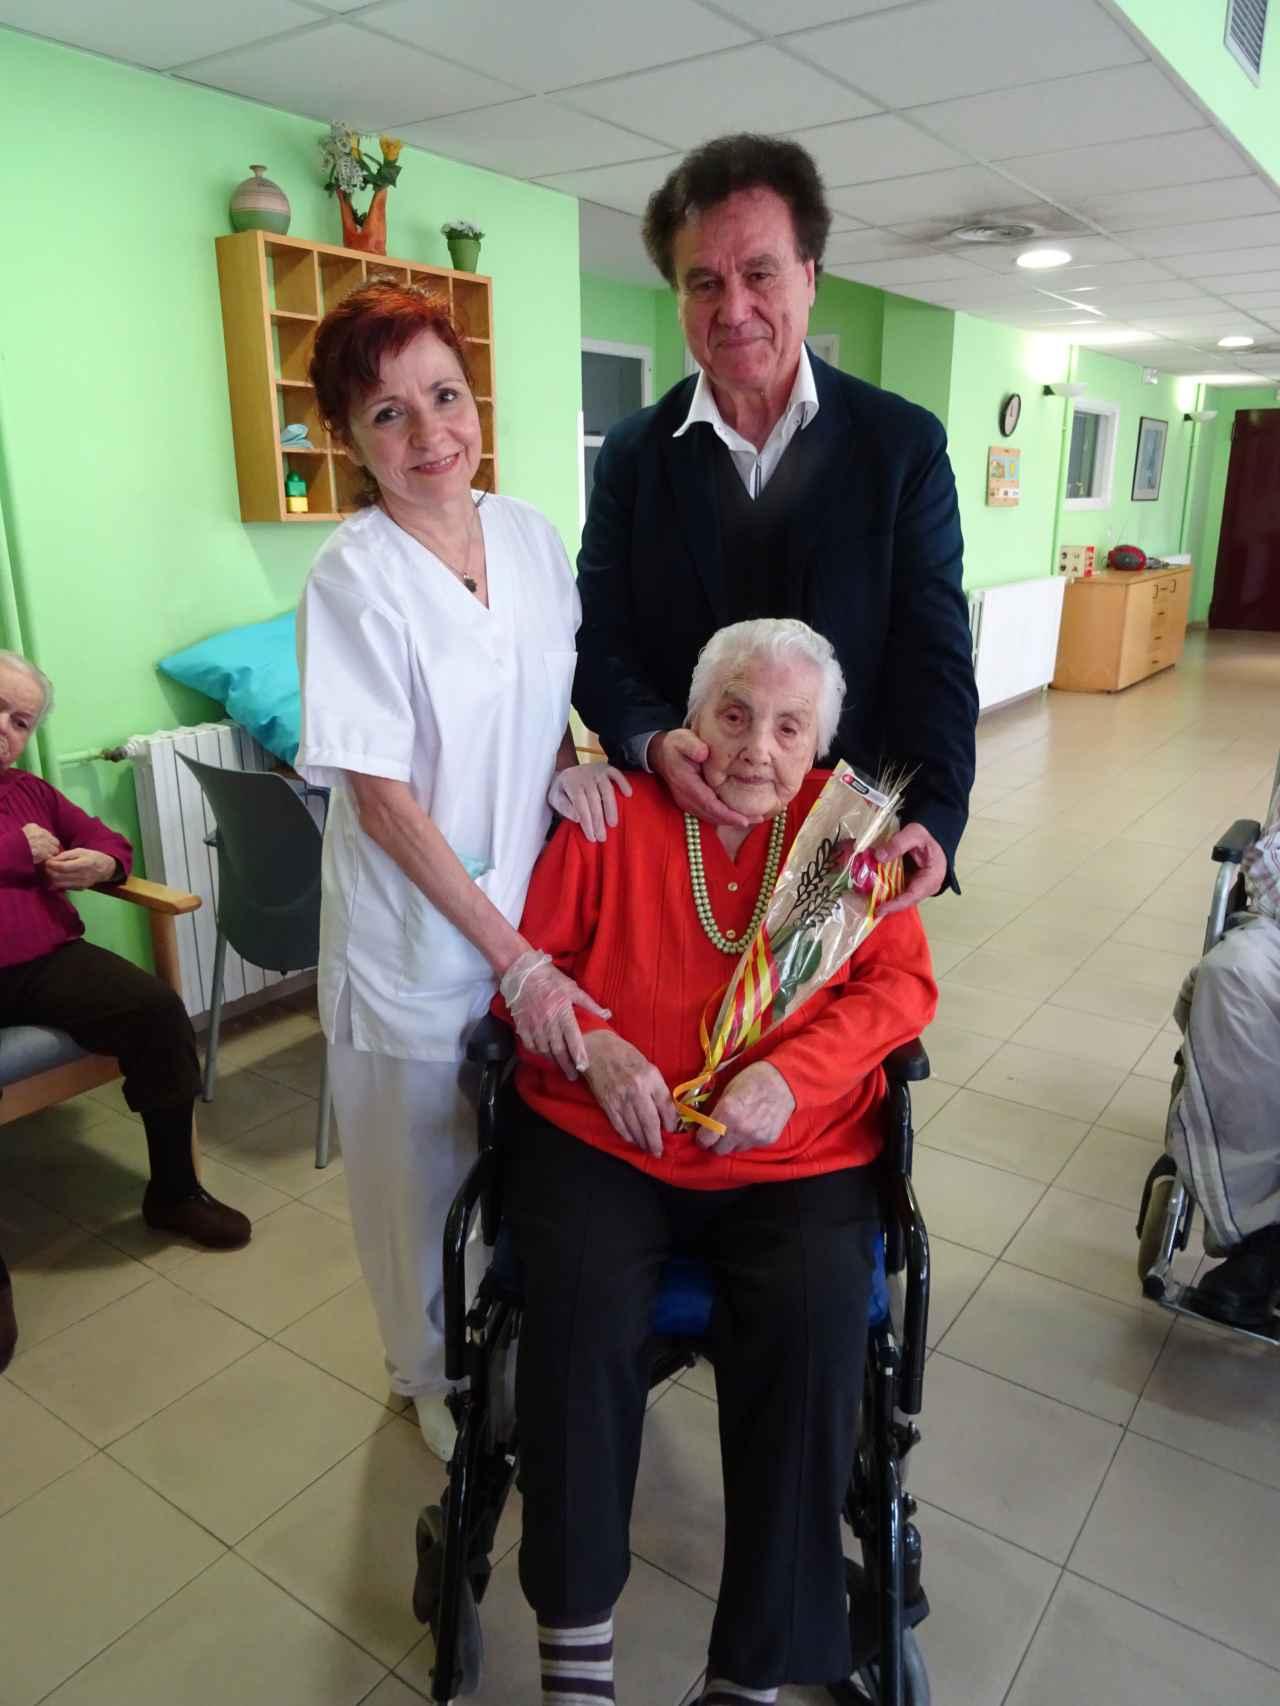 Antonio Herrera, conseller del Distrito de Sant Martí, junto a Ana María Vela el año pasado.